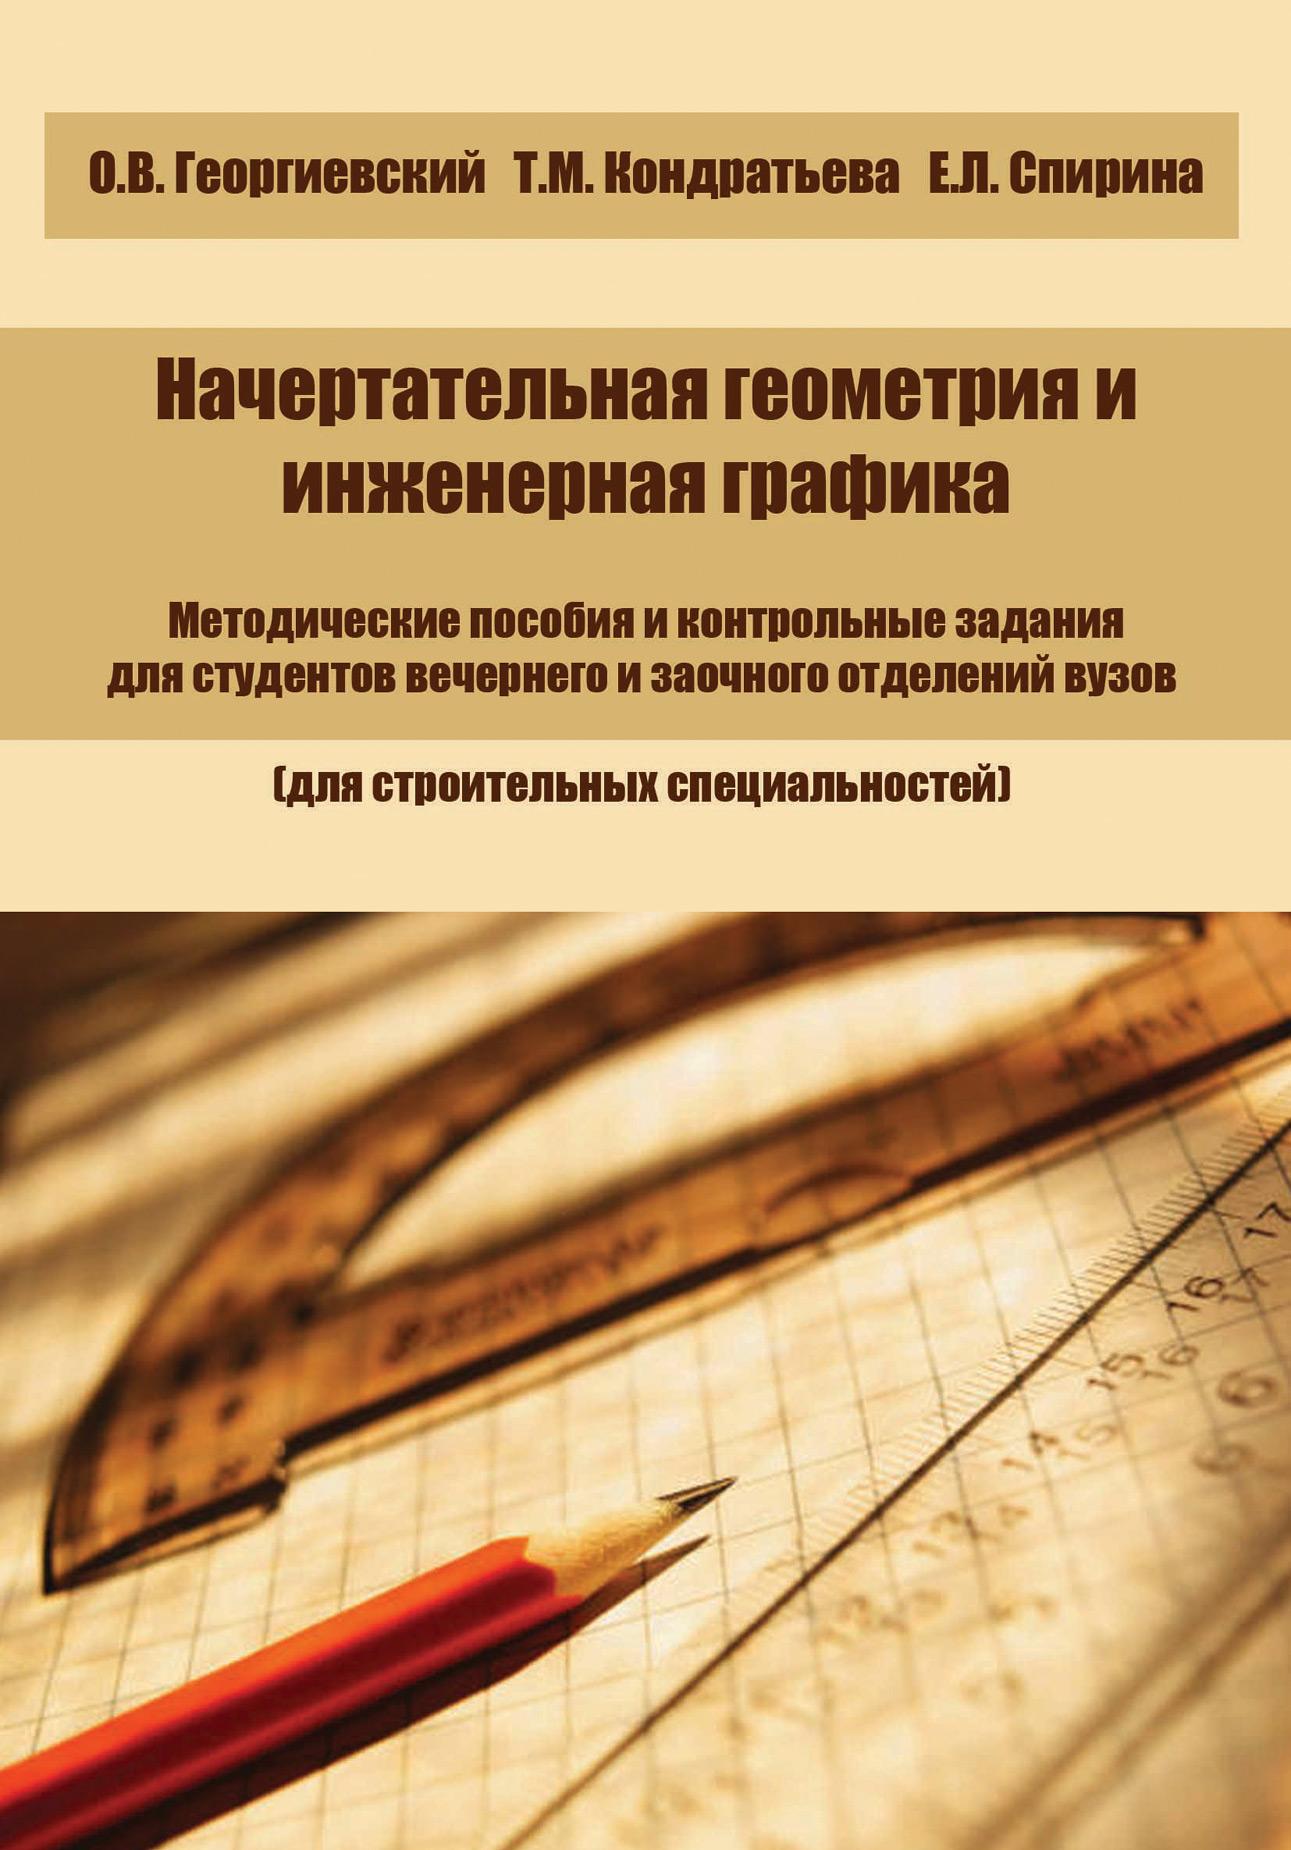 О. В. Георгиевский Начертательная геометрия и инженерная графика